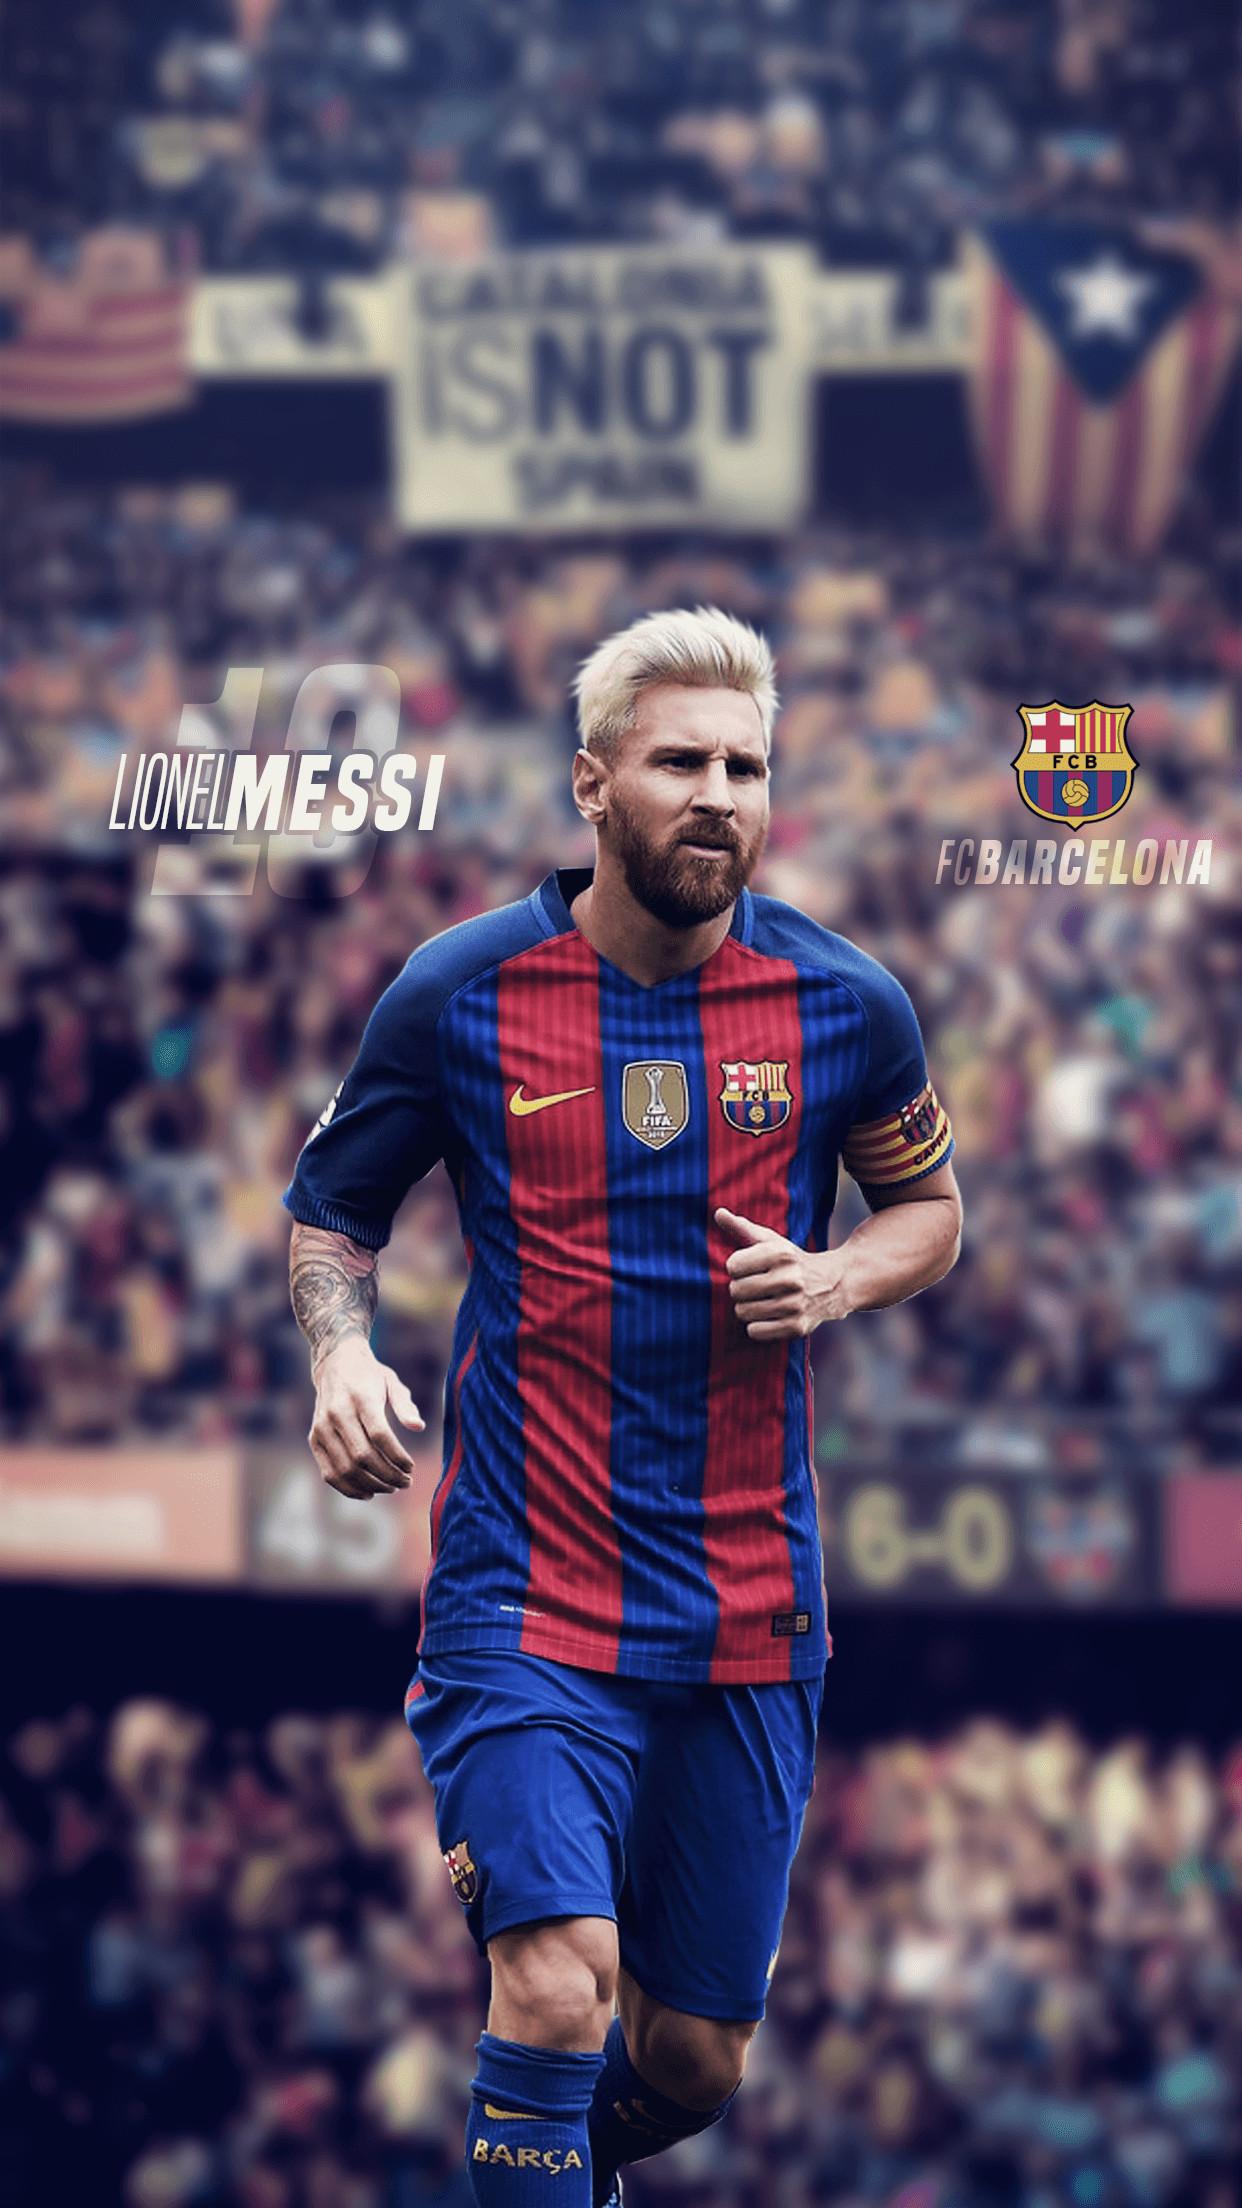 01f4d28f311 Messi Wallpaper (74+ images)